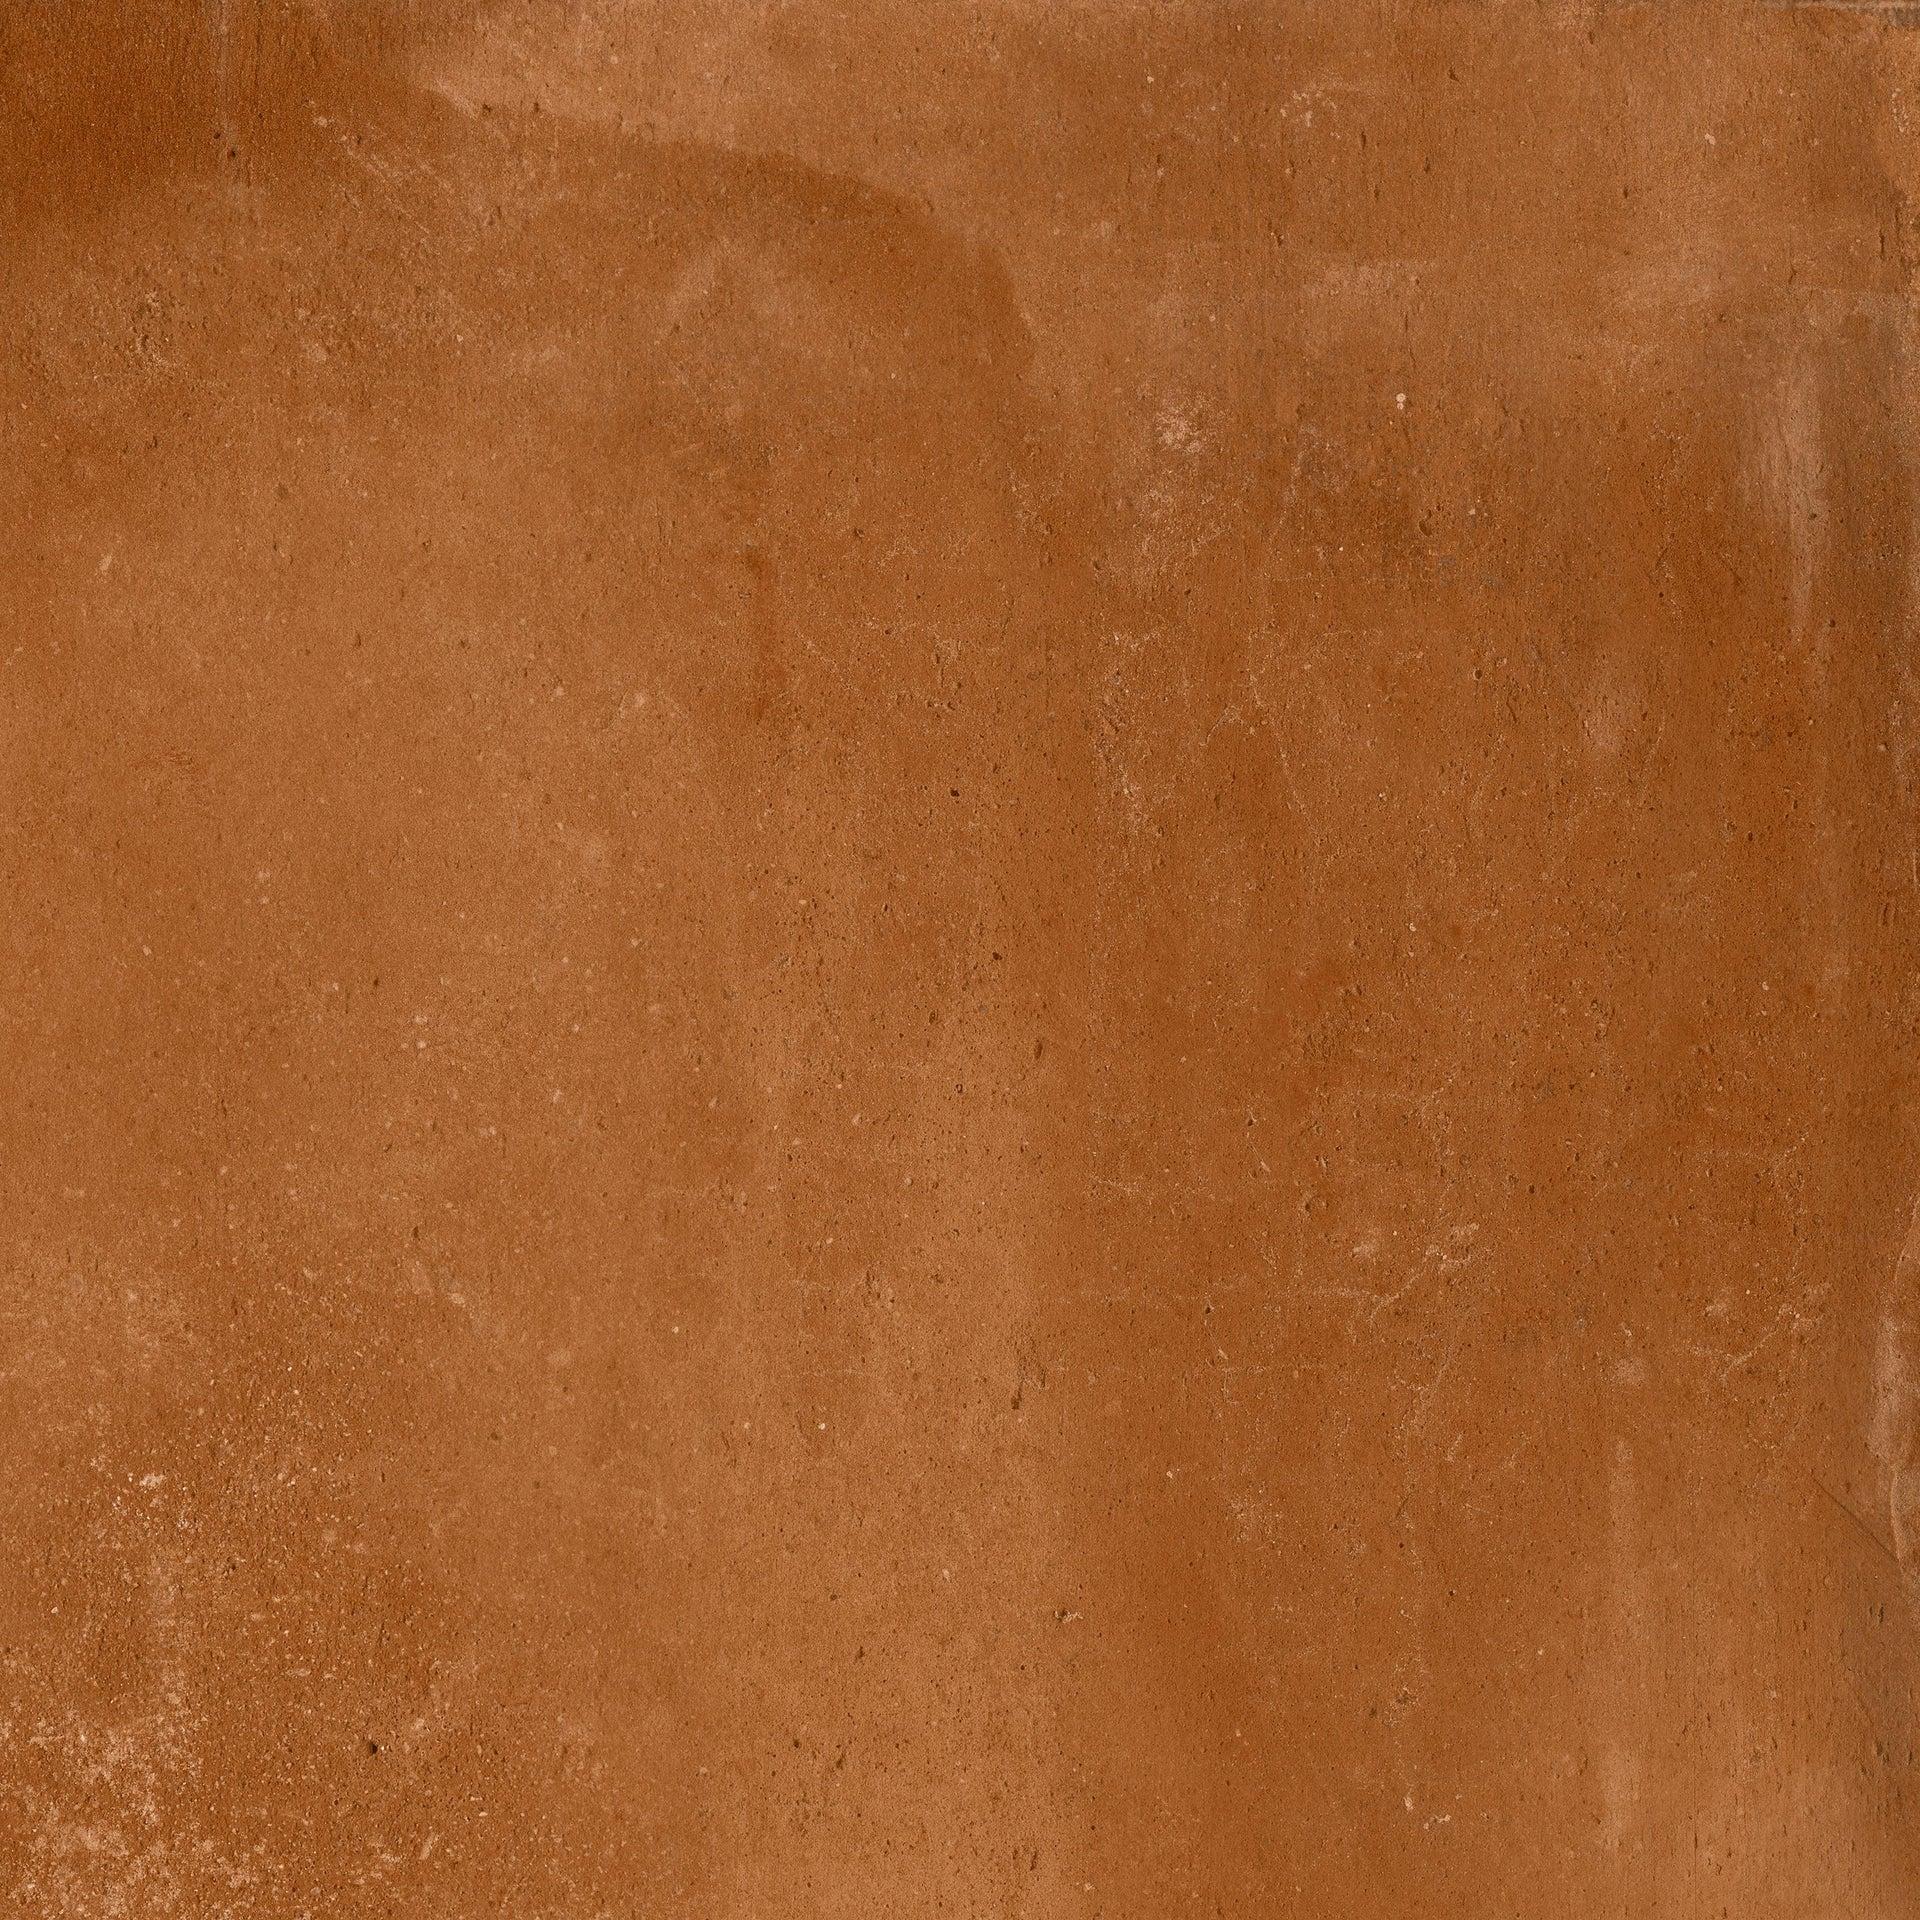 Piastrella Abbazia 35.8 x 35.8 cm sp. 9.2 mm PEI 4/5 beige - 4